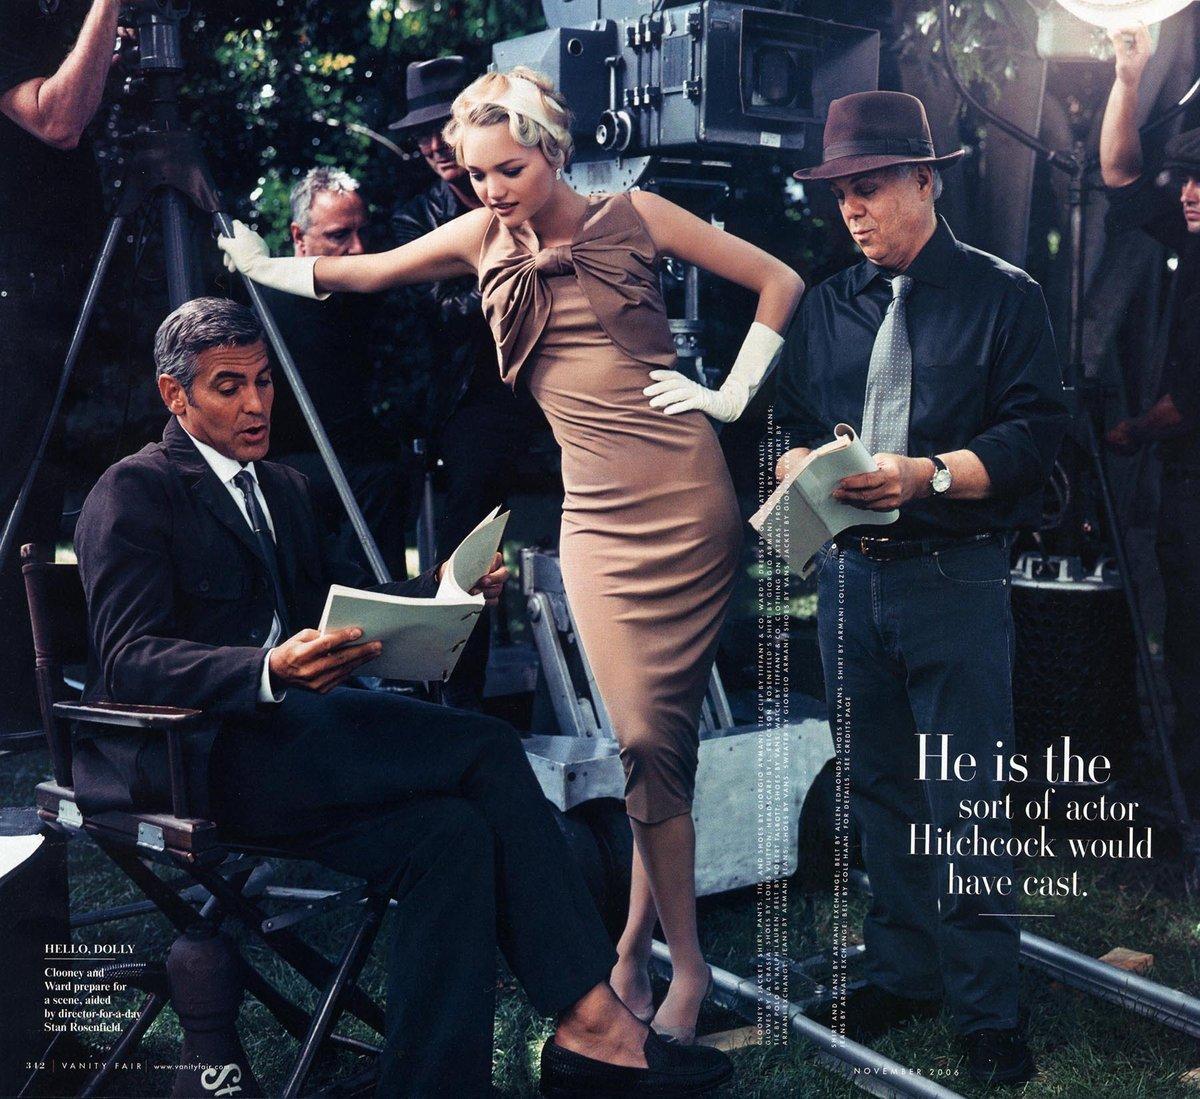 http://1.bp.blogspot.com/_ld3aY6QXFfY/TCDoE_mTMdI/AAAAAAAAFYk/5VbOy97Ptls/s1600/2006-Gemma-Ward-George-Clooney-Vanity-Fair-Nov-03-by-Norman-Jean-Roy.jpg